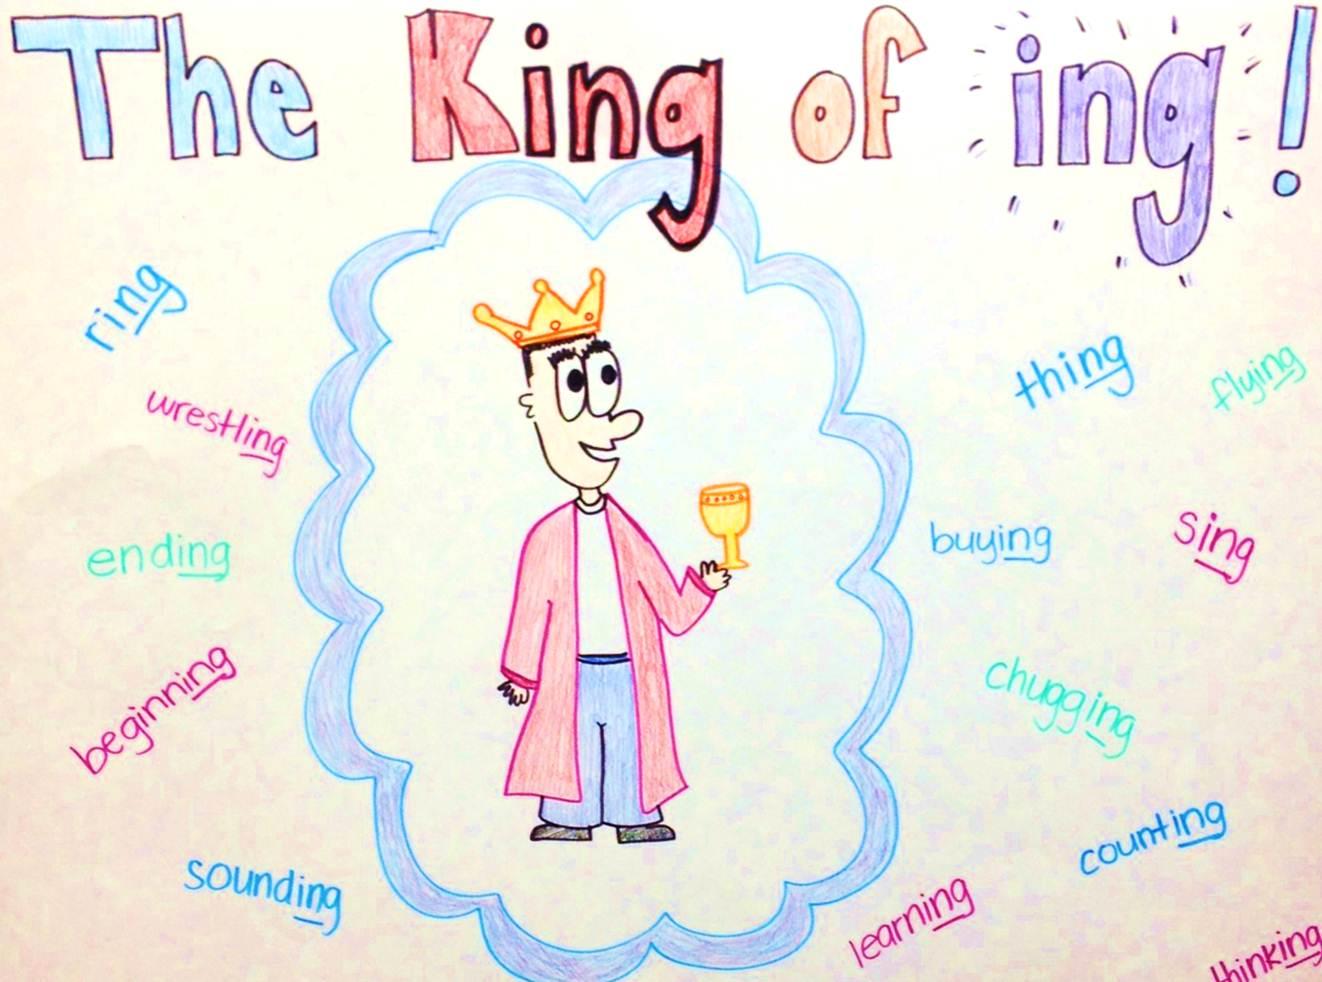 The King Of Ing